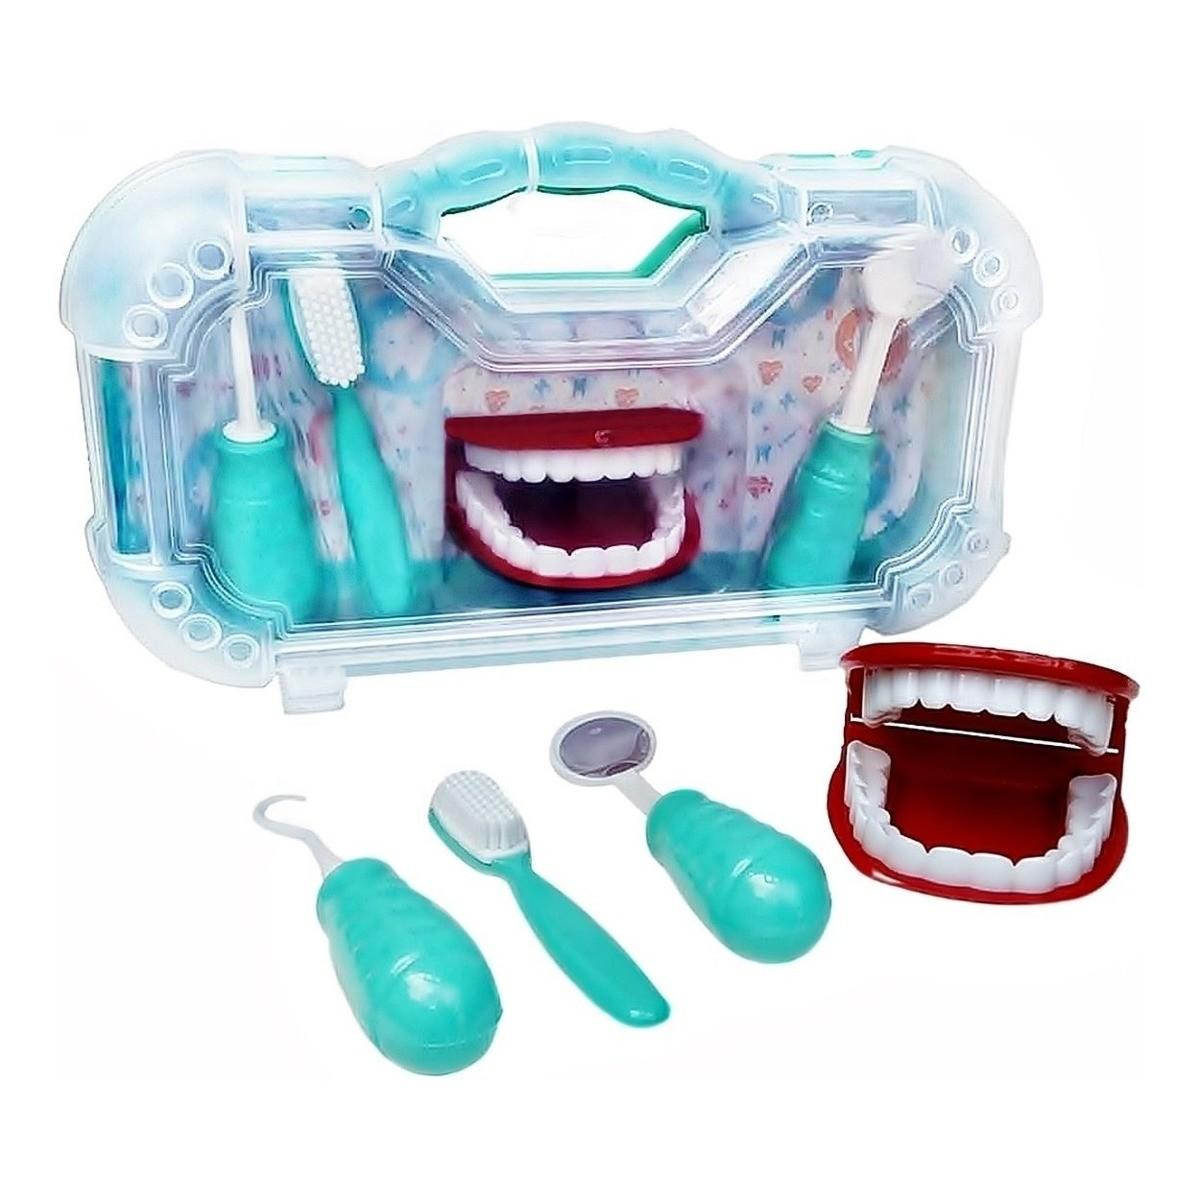 Brinquedo Kit Dentista com Maleta - Paki Toys